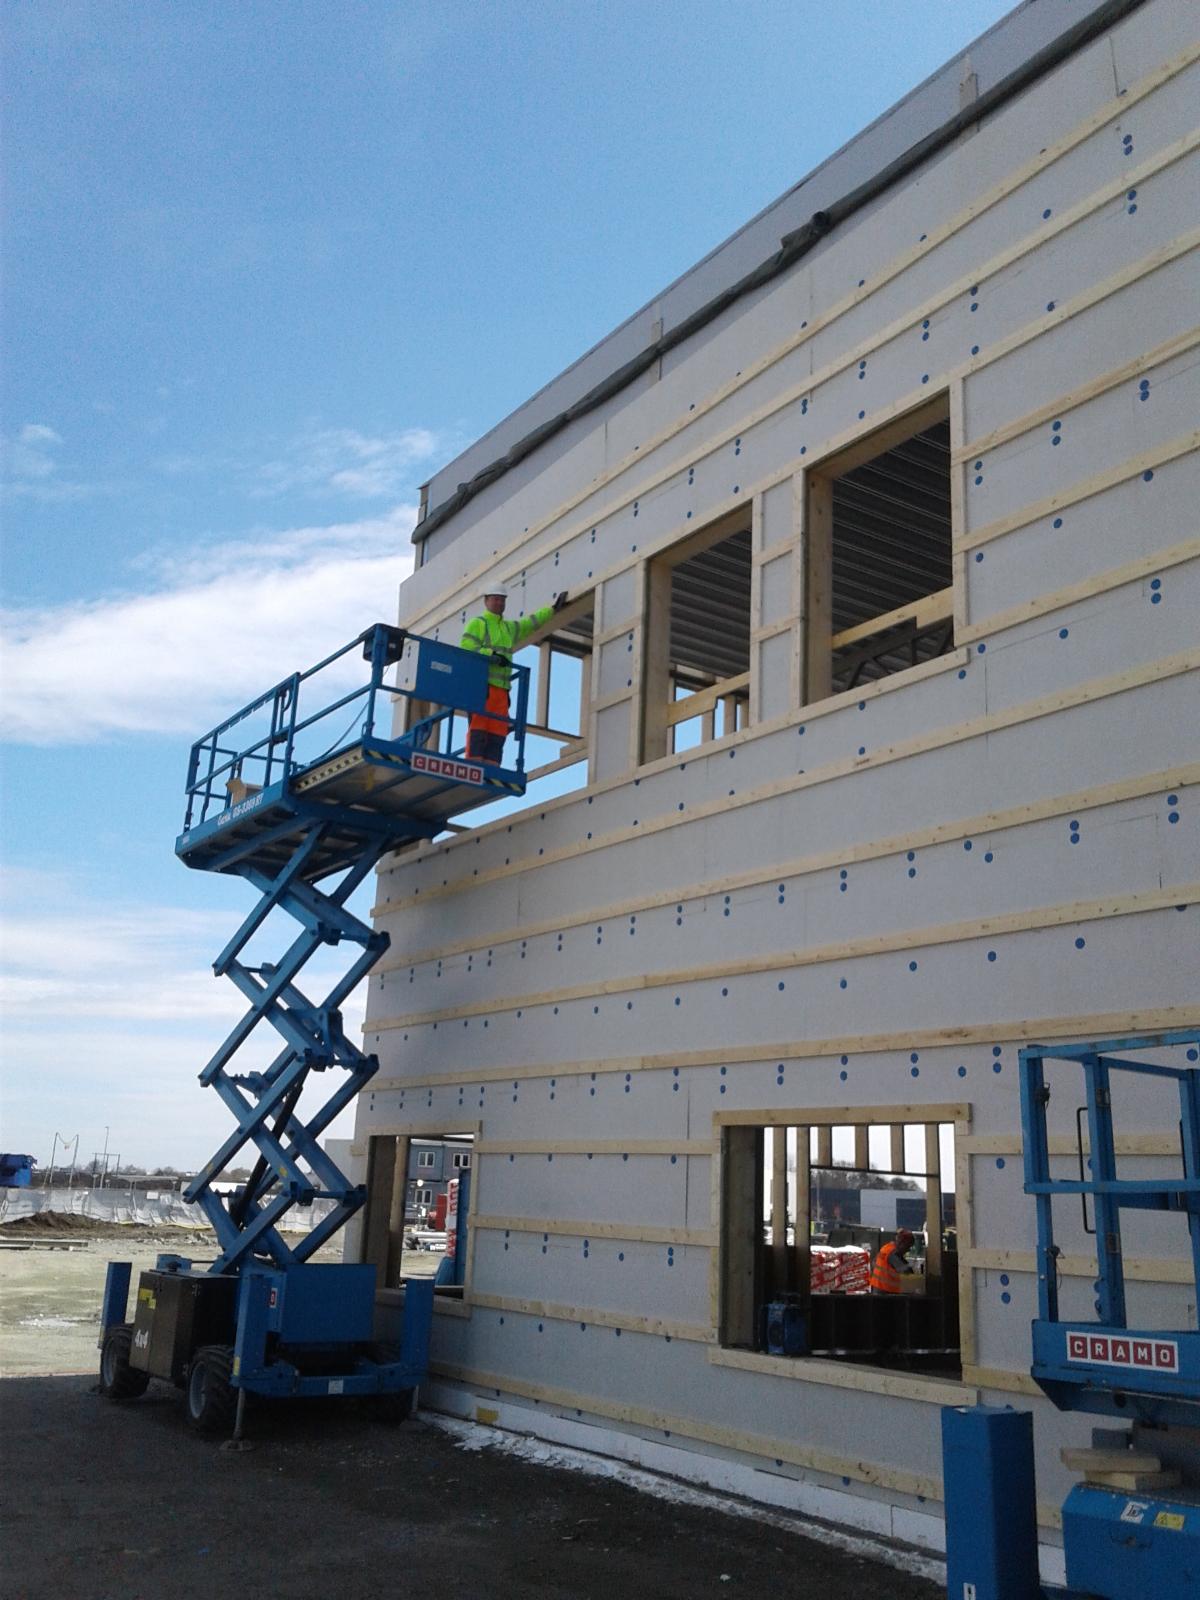 Montaż konstrukcji drewnianej ścian zewnętrznych oraz płyt elewacyjnych, montaż ścian karton-gipsowych wraz ze stolarką drzwiową w Boras, Prognosgatan (Szwecja)